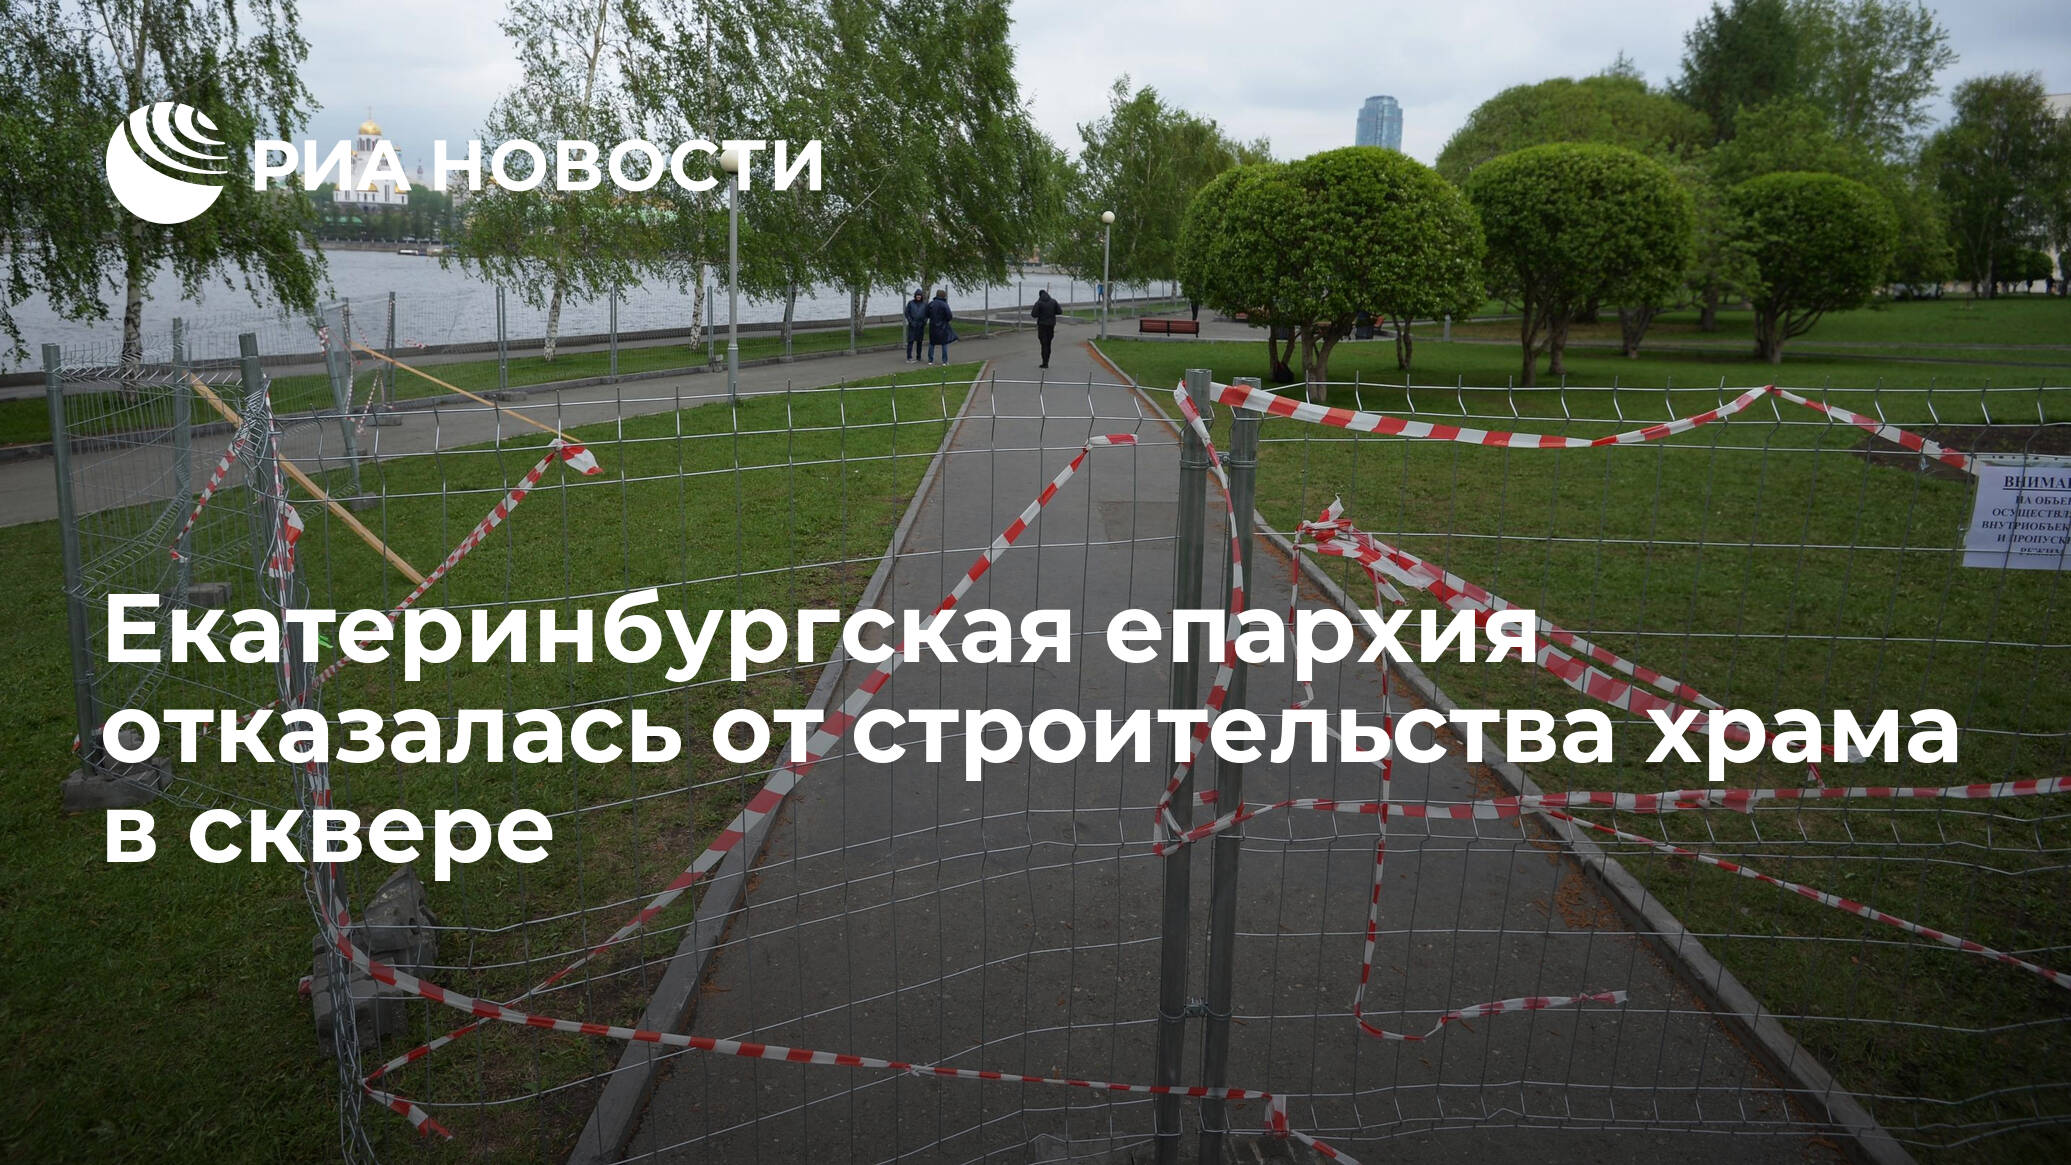 Екатеринбургская епархия отказалась от строительства храма в сквере